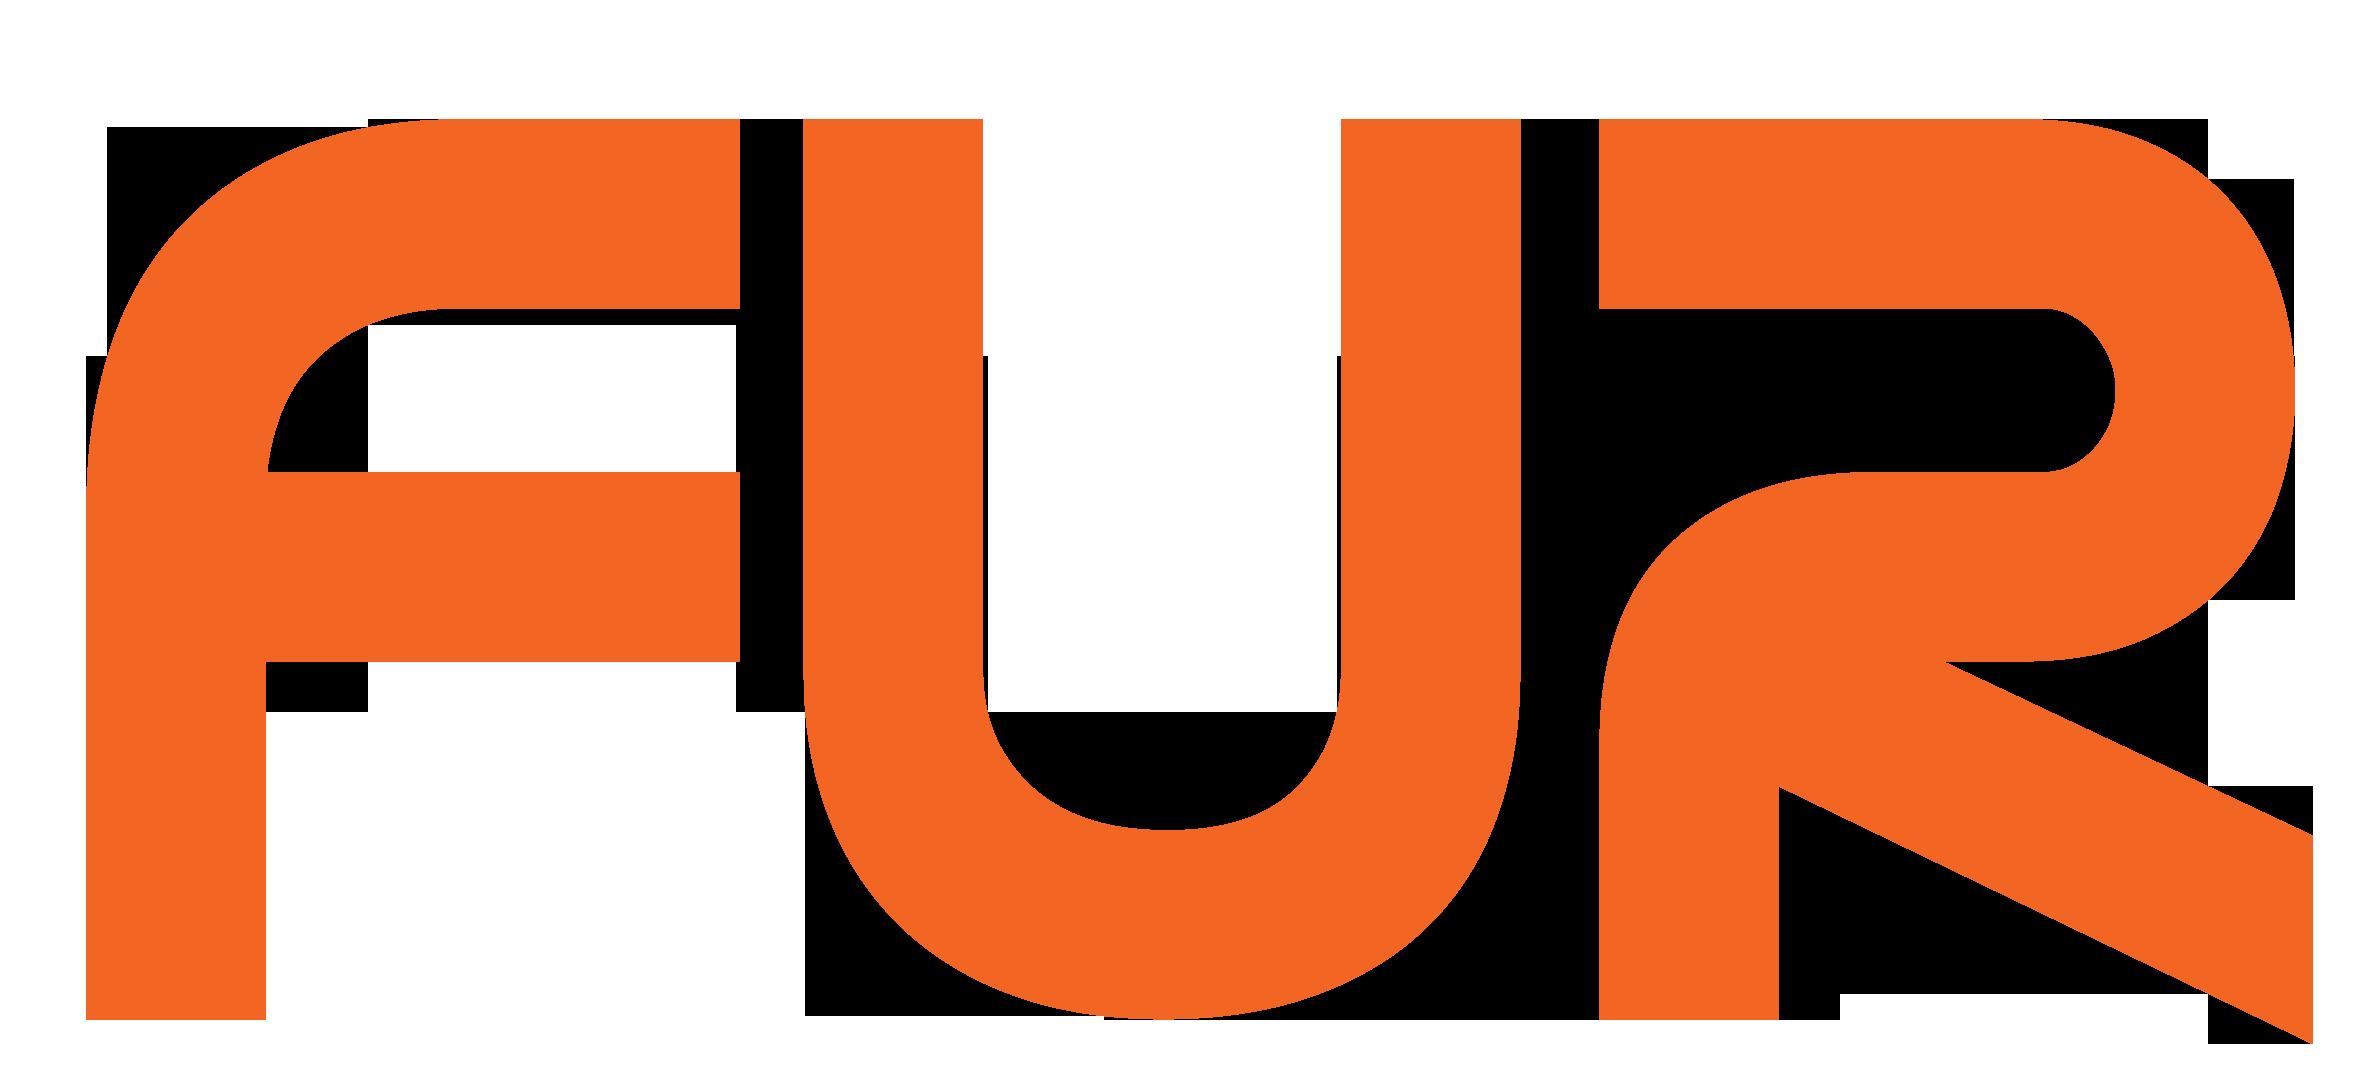 FUR Studio Design